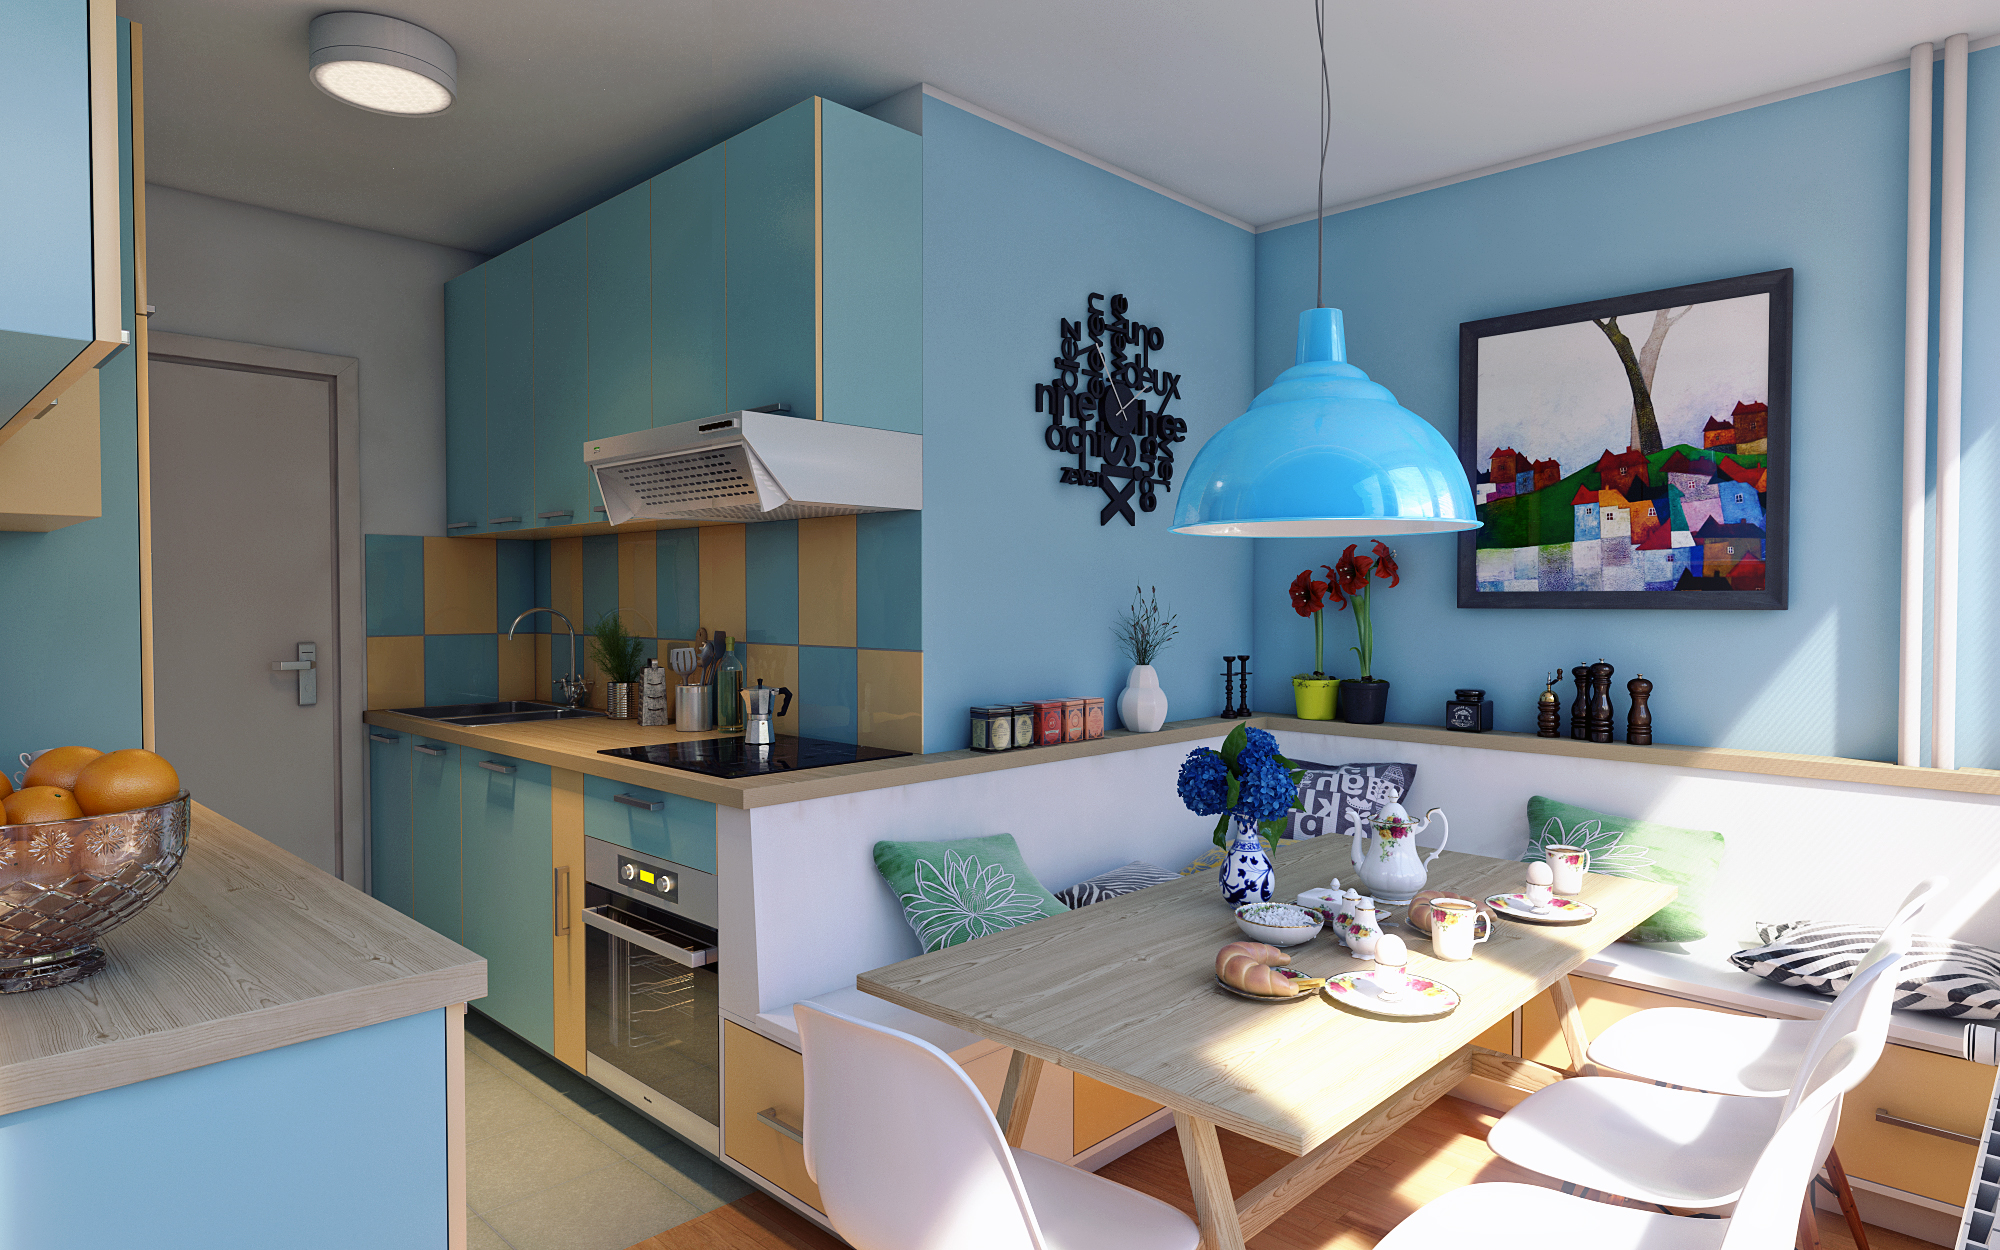 Cucina con tinello - [FINAL] Architettura e Interior Design - Treddi ...